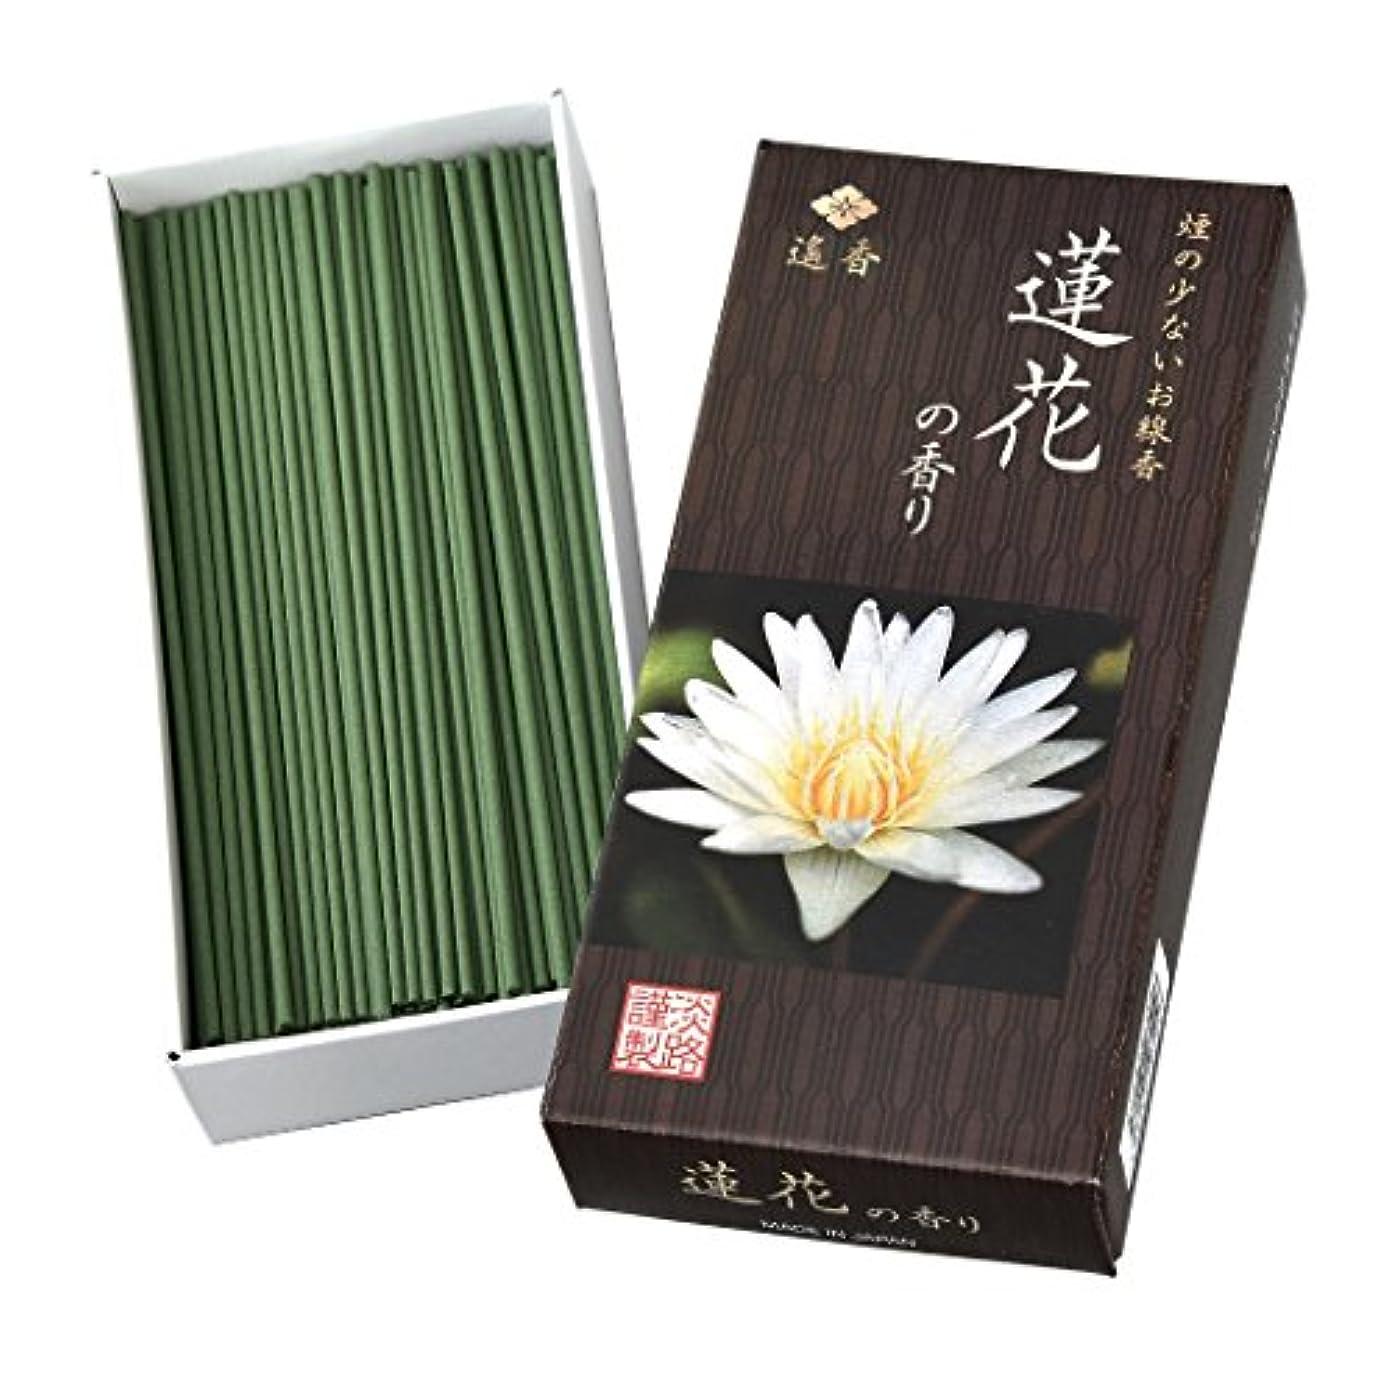 無秩序変数不健全良生活 遙香 蓮花の香り 3個